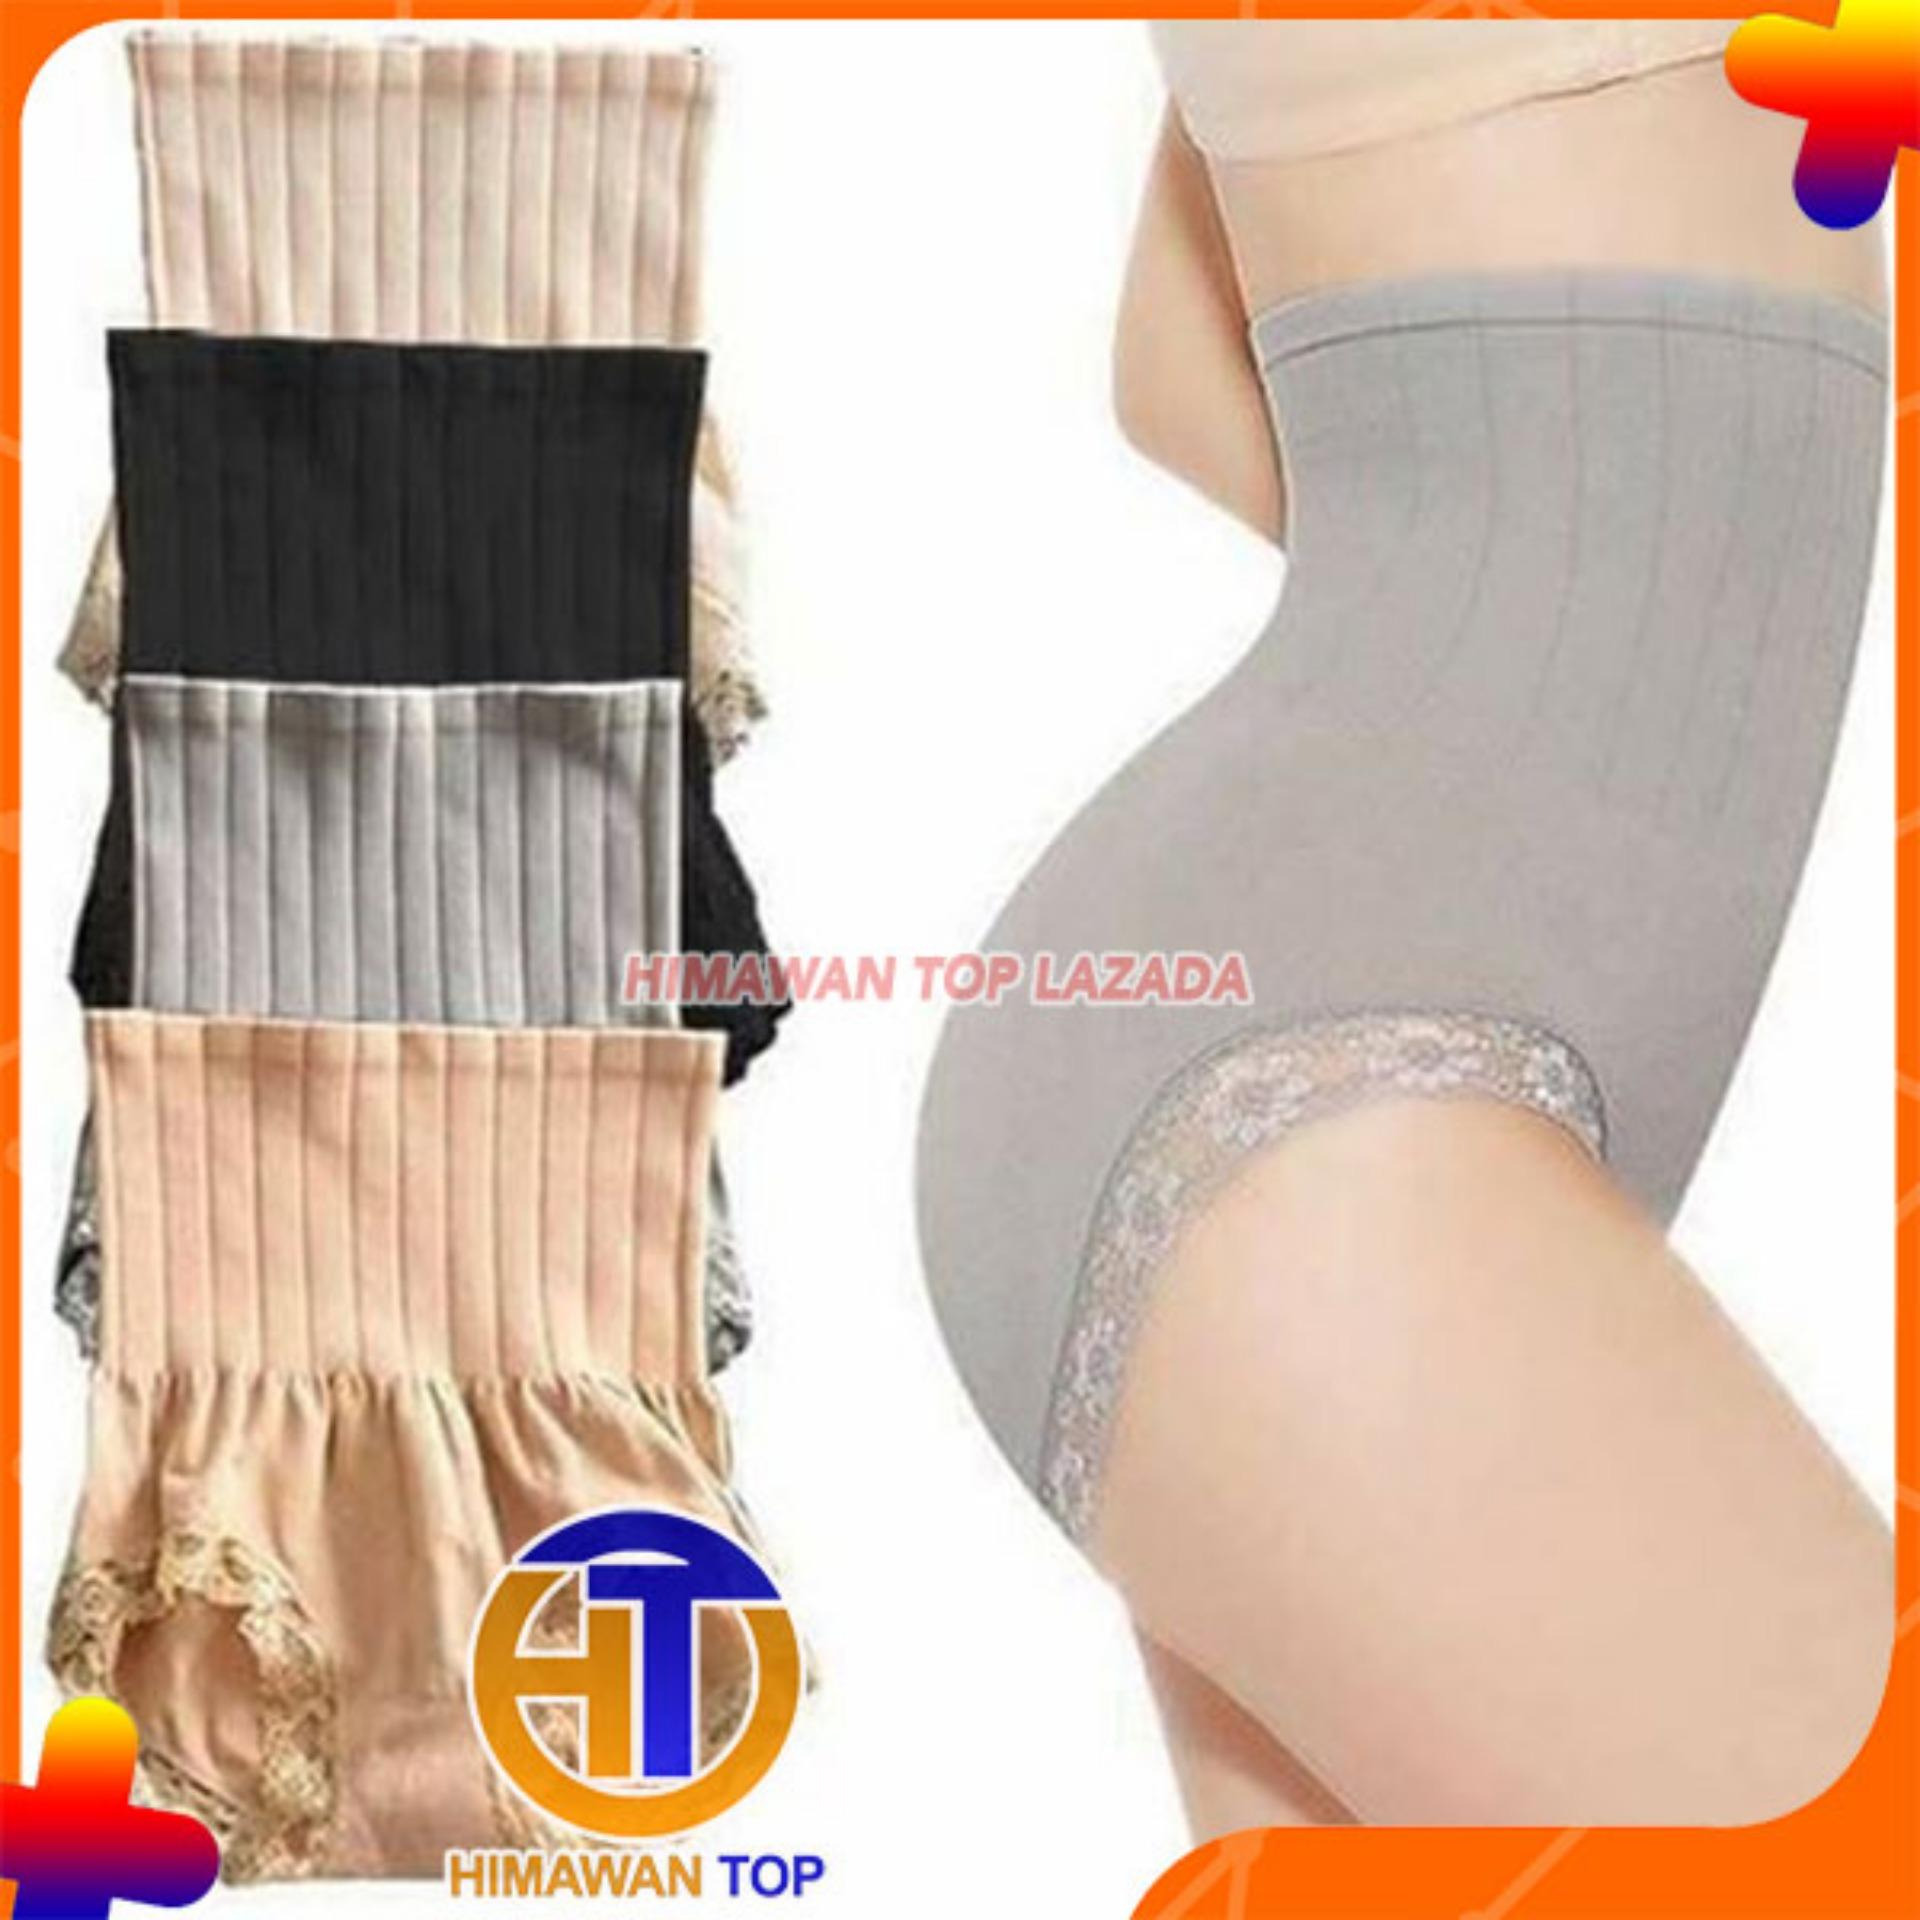 2ec734d2920a Korset Munafie 100% ASLI Original Celana Dalam Pelangsing Celana Dalam  Munafie Bahan Tebal Berat Asli